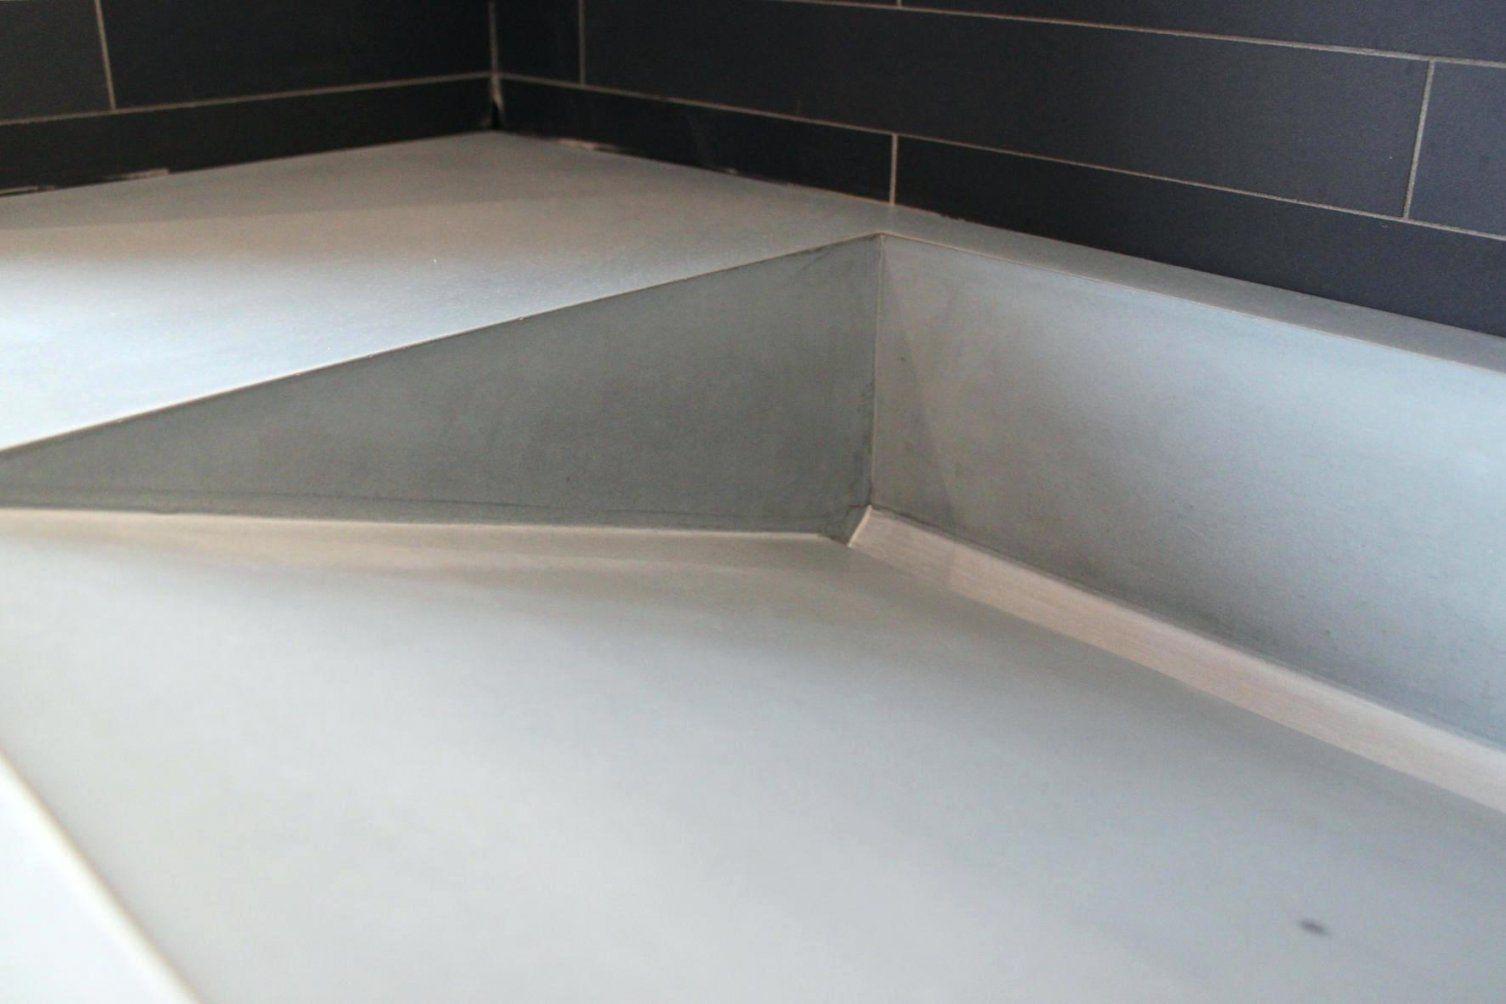 Waschbecken Beton Badezimmer Sichtbeton Von Concrete Home Design von Waschbecken Beton Selber Machen Bild